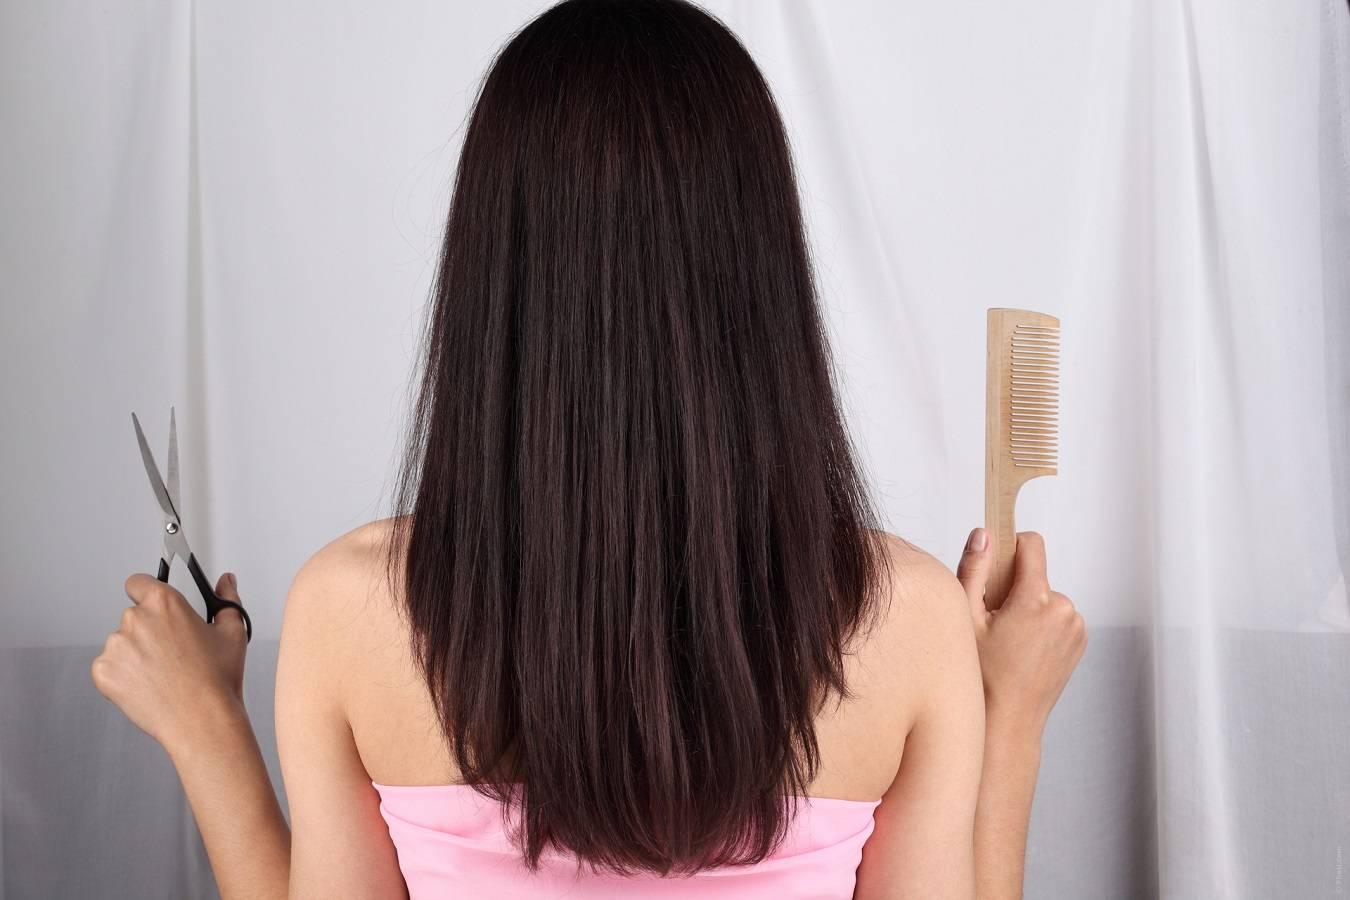 Выполнение женской стрижки лесенка в домашних условиях